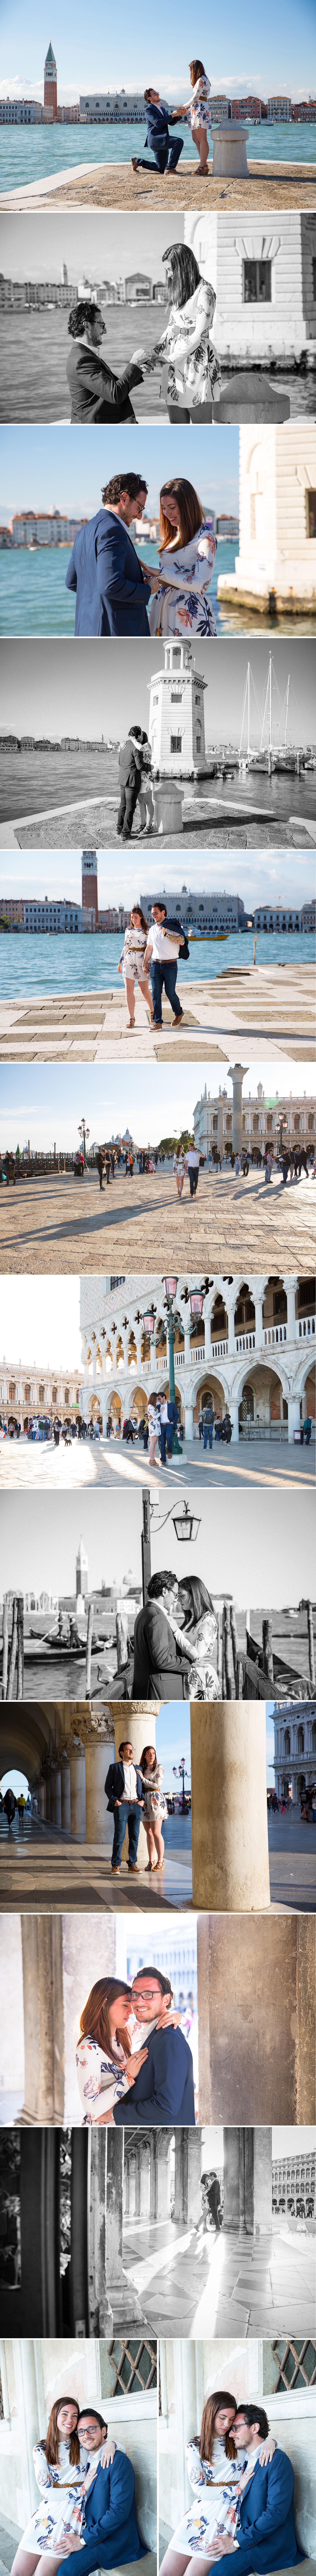 Fototour in Venedig